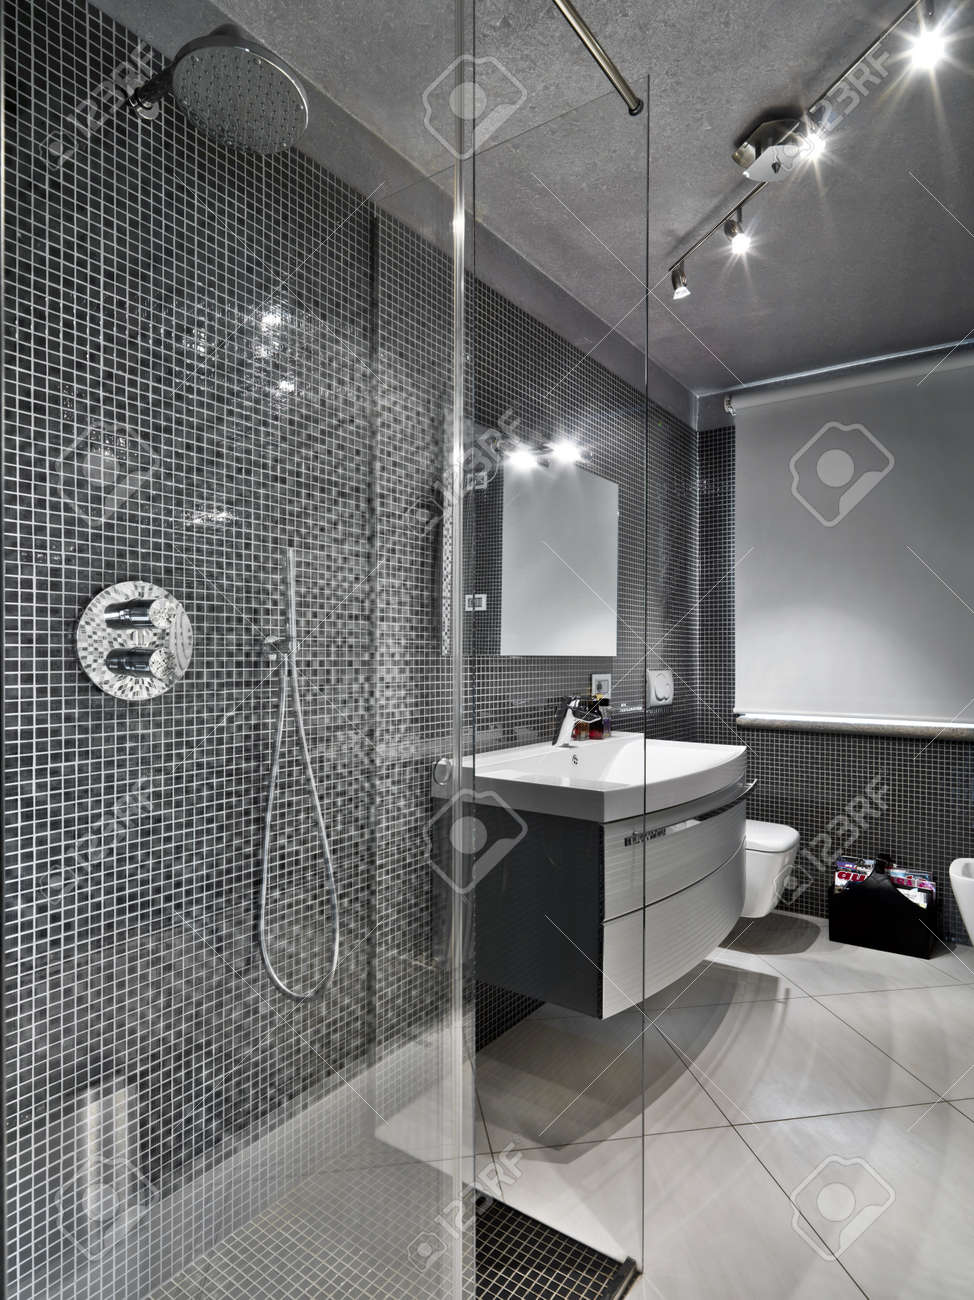 moderno bagno con doccia in vetro cubicule foto royalty free ... - Immagini Bagni Moderni Con Doccia